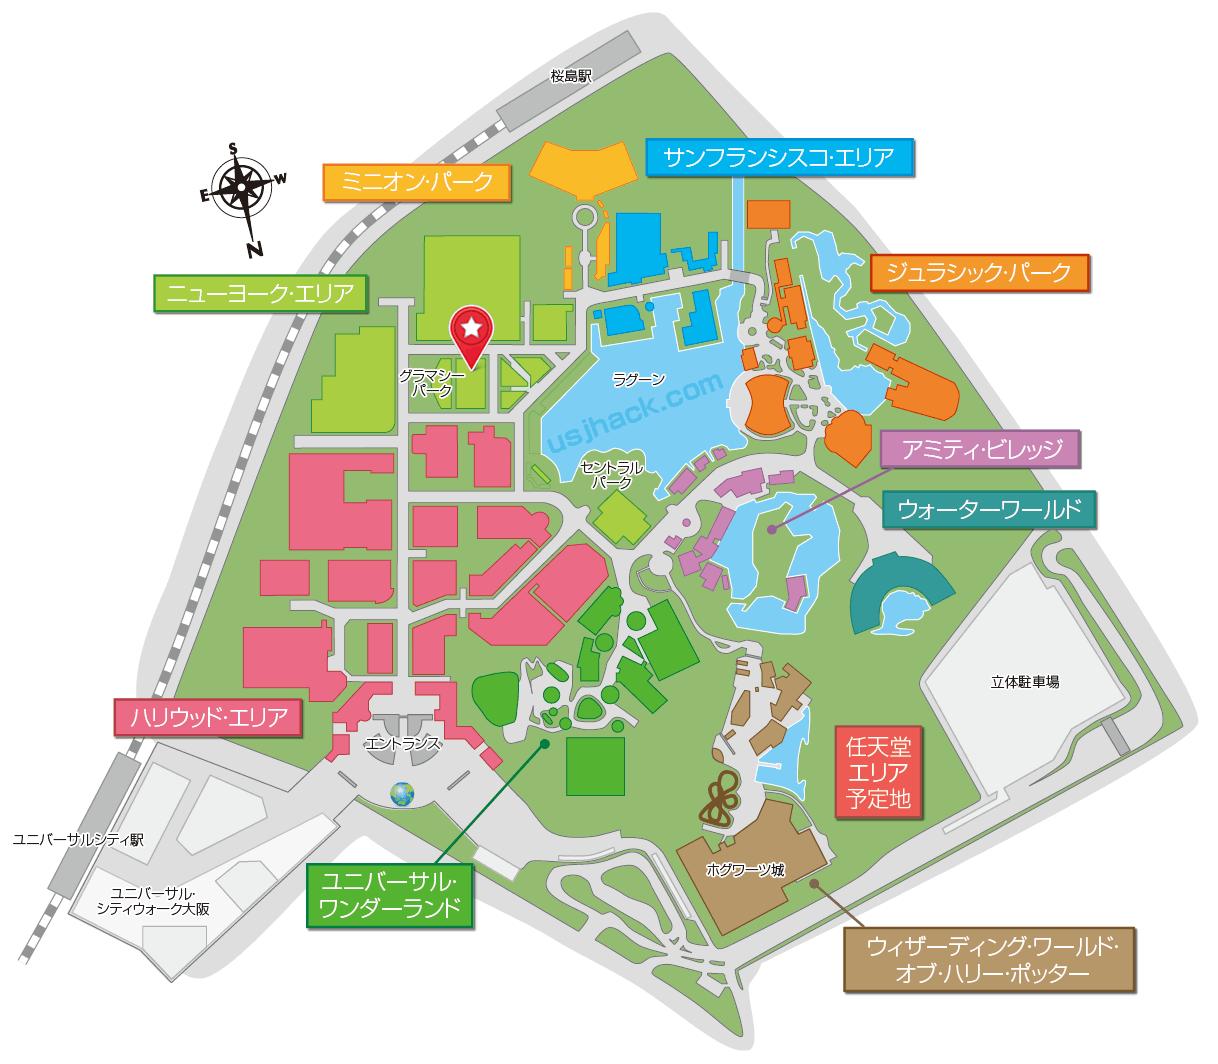 フィネガンズ バー&グリルの地図(マップ)